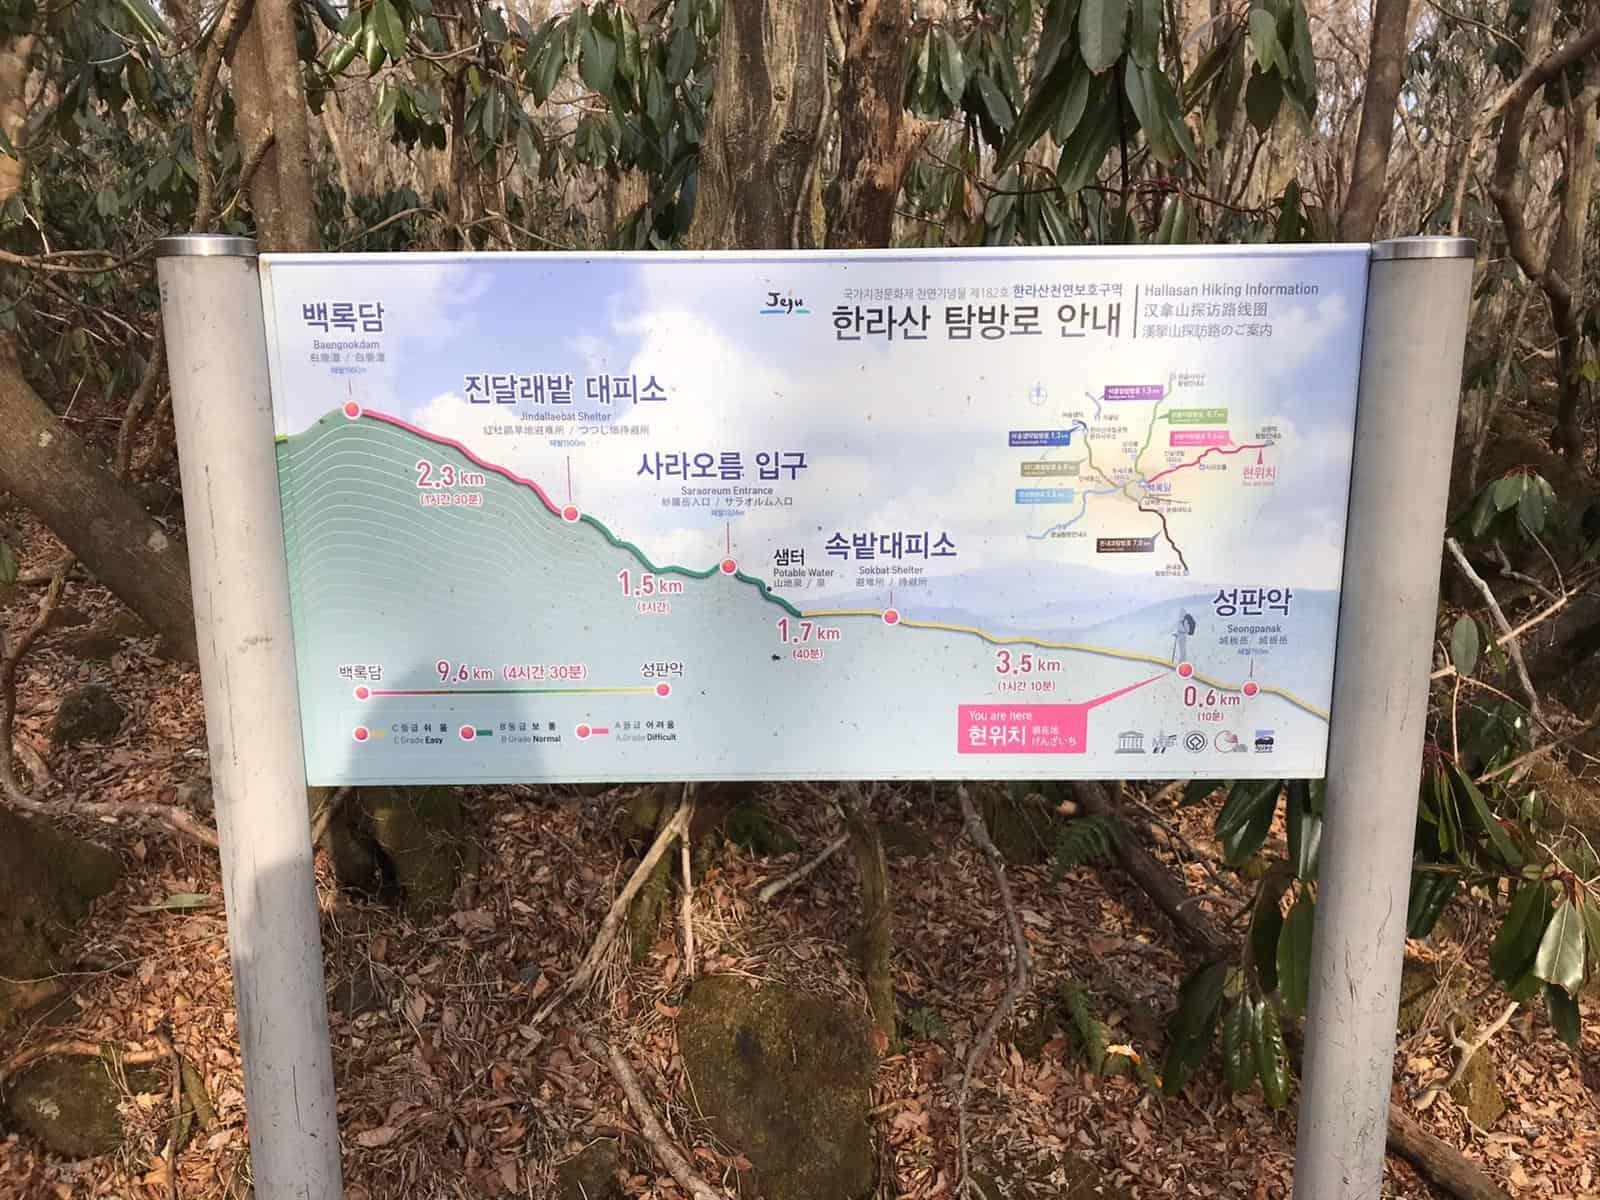 玄彬示範!濟州景點韓國最高峰:漢拏山城板岳攻頂路線